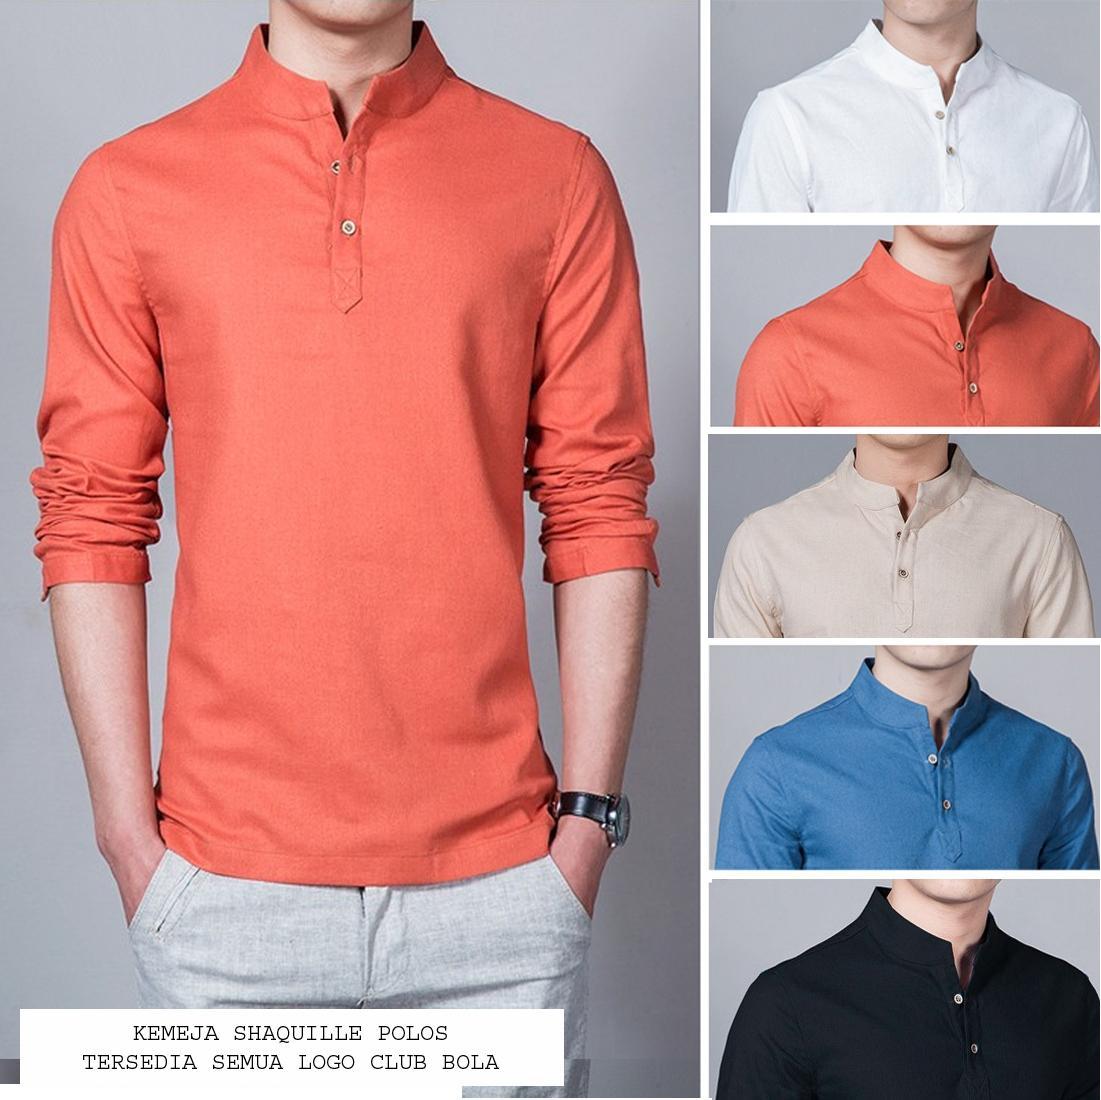 Kemeja Pria Baju Koko Shaquile Orange Polos | Tersedia 5 Warna | Grosir Kemeja Muslim Gamis Pria Murah Distro